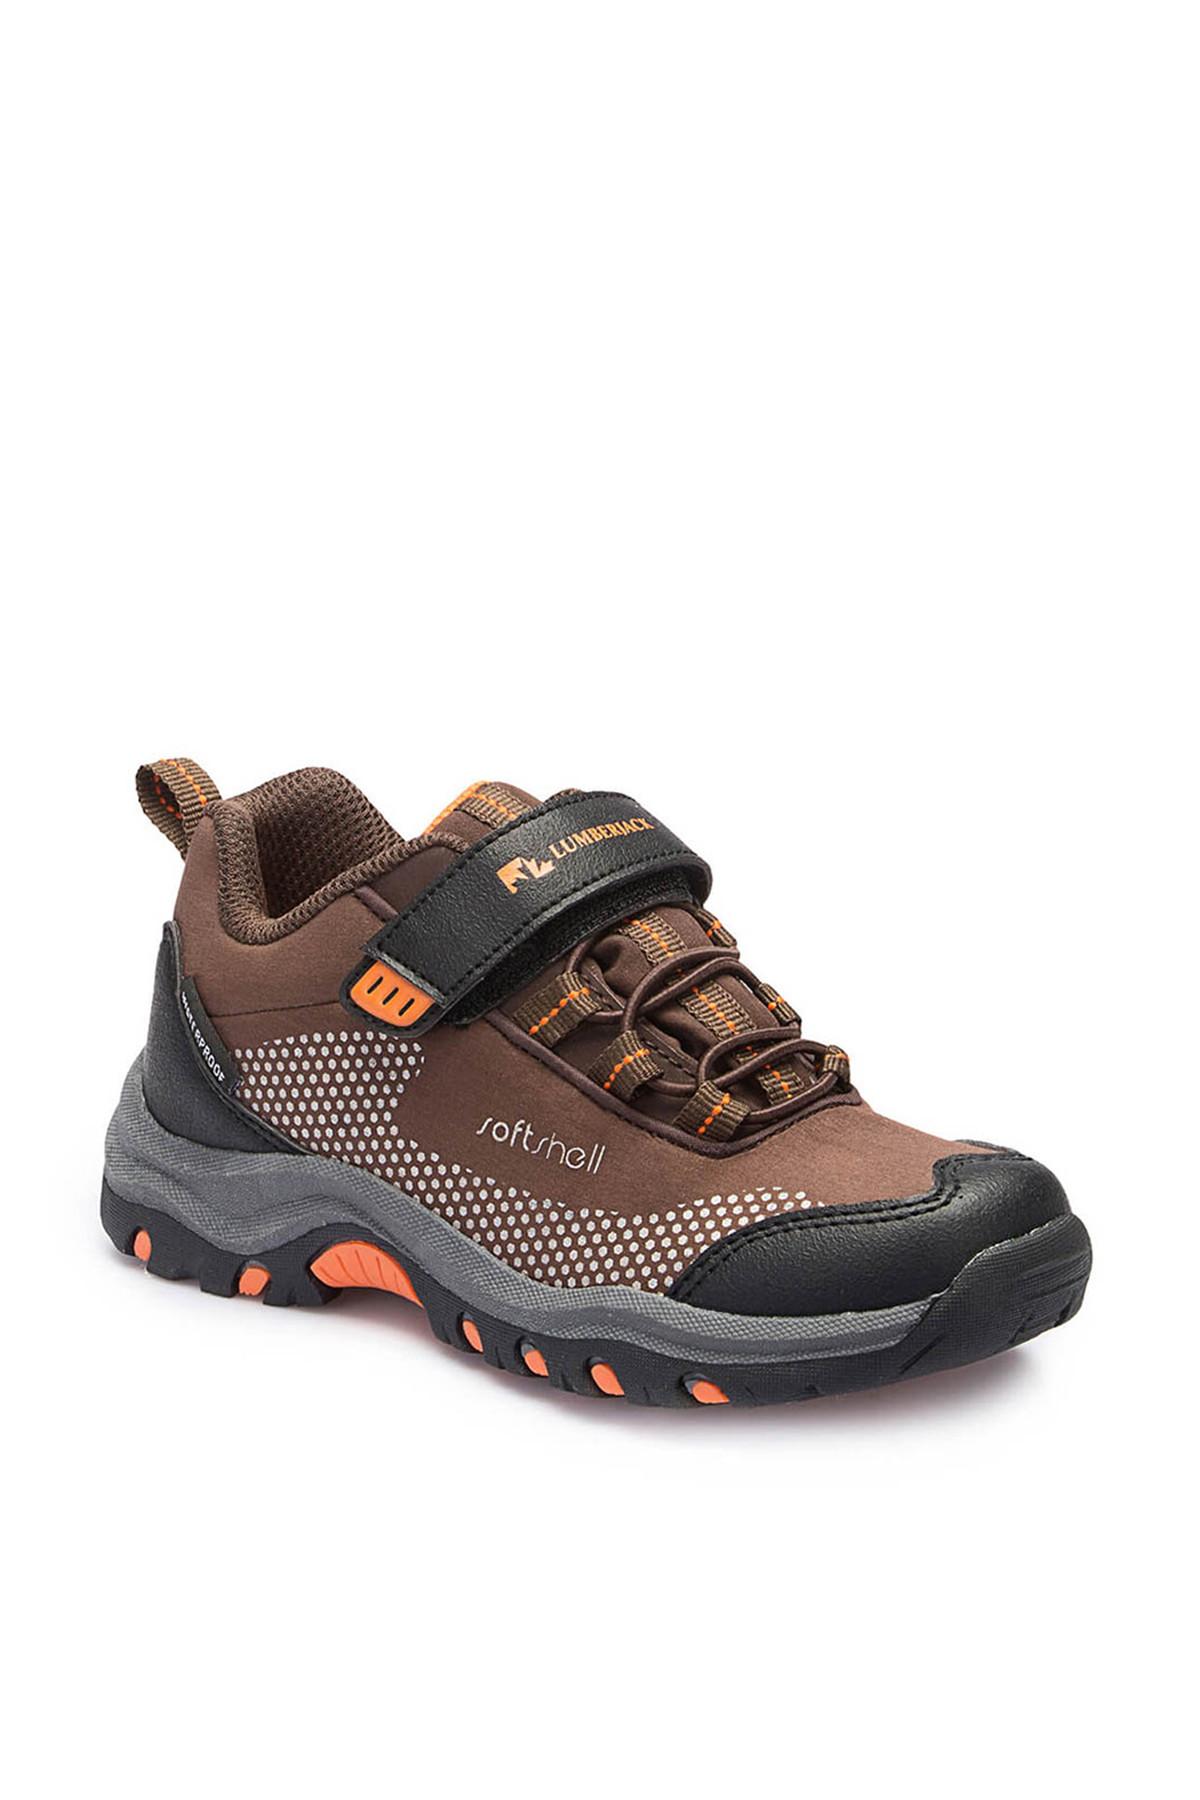 lumberjack A3374017 Kahverengi Unisex Çocuk Ayakkabı 100227301 1